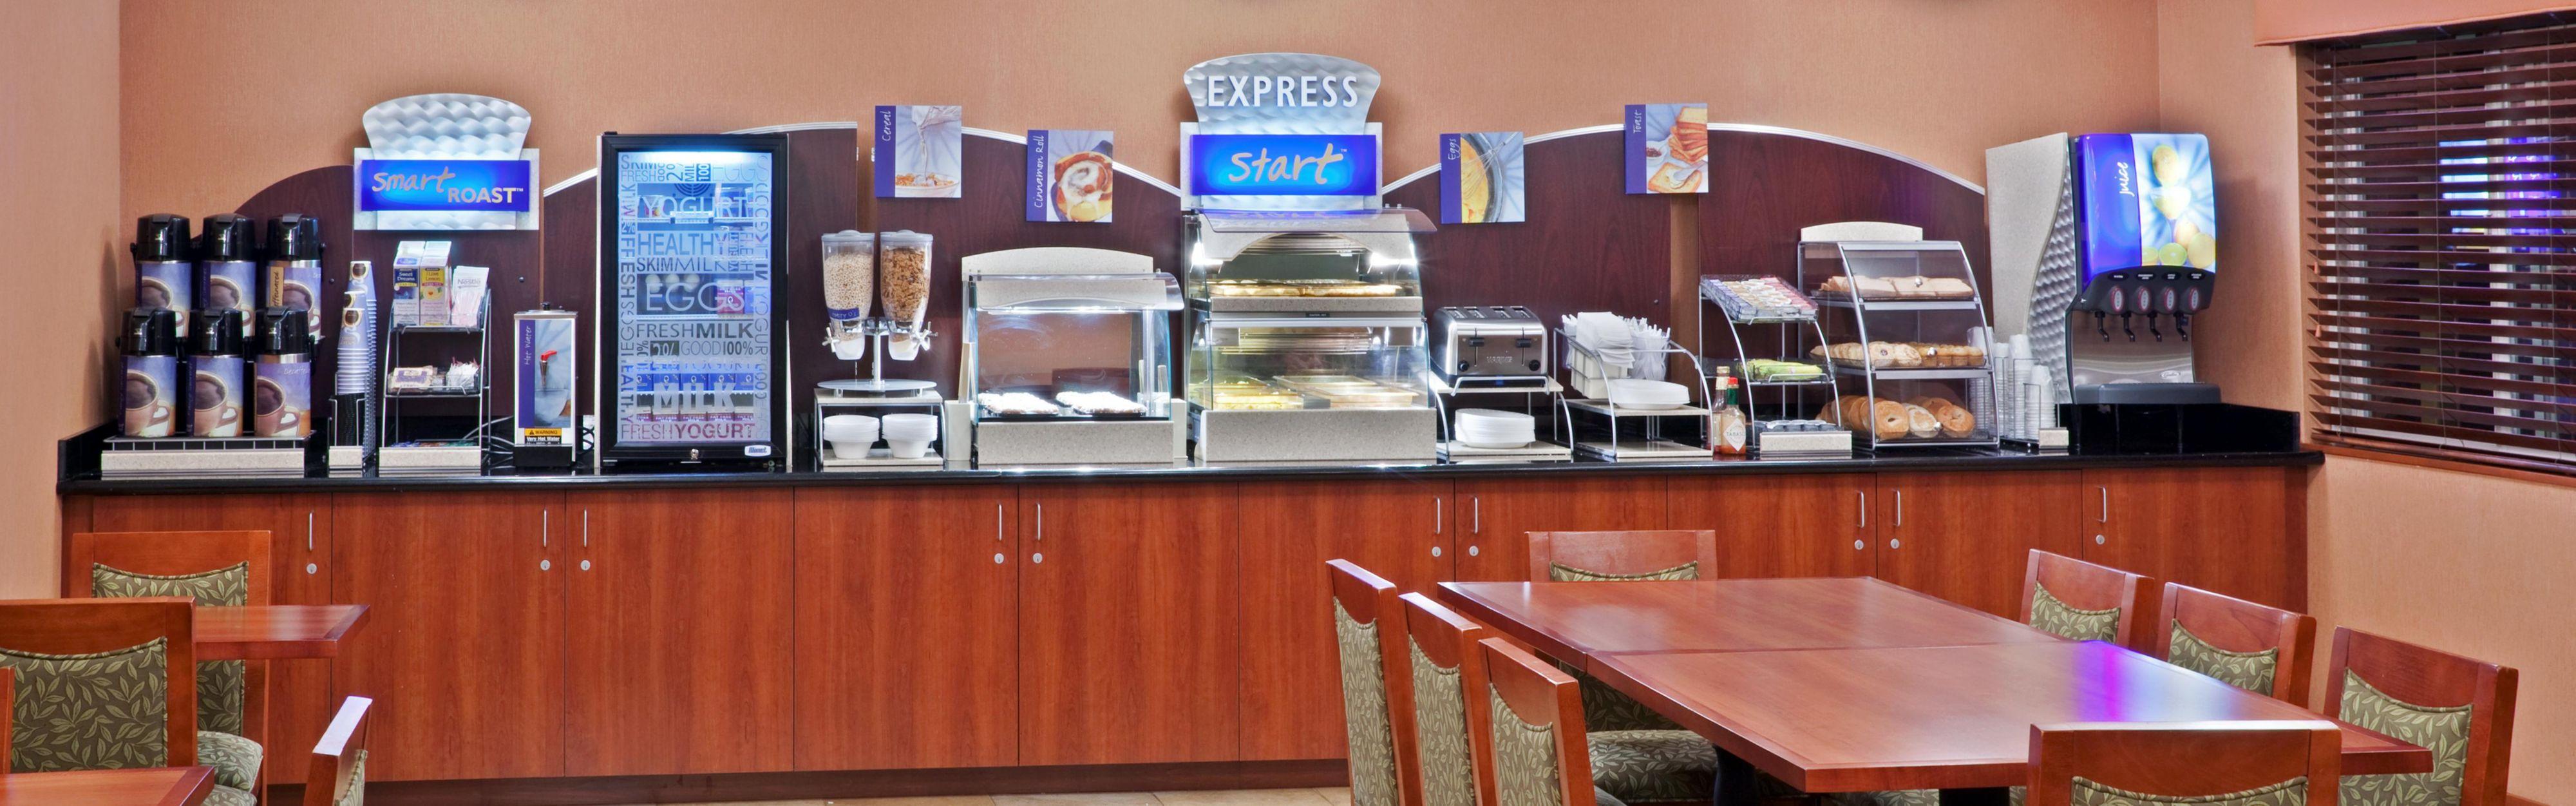 Holiday Inn Express Portland South - Lake Oswego image 3